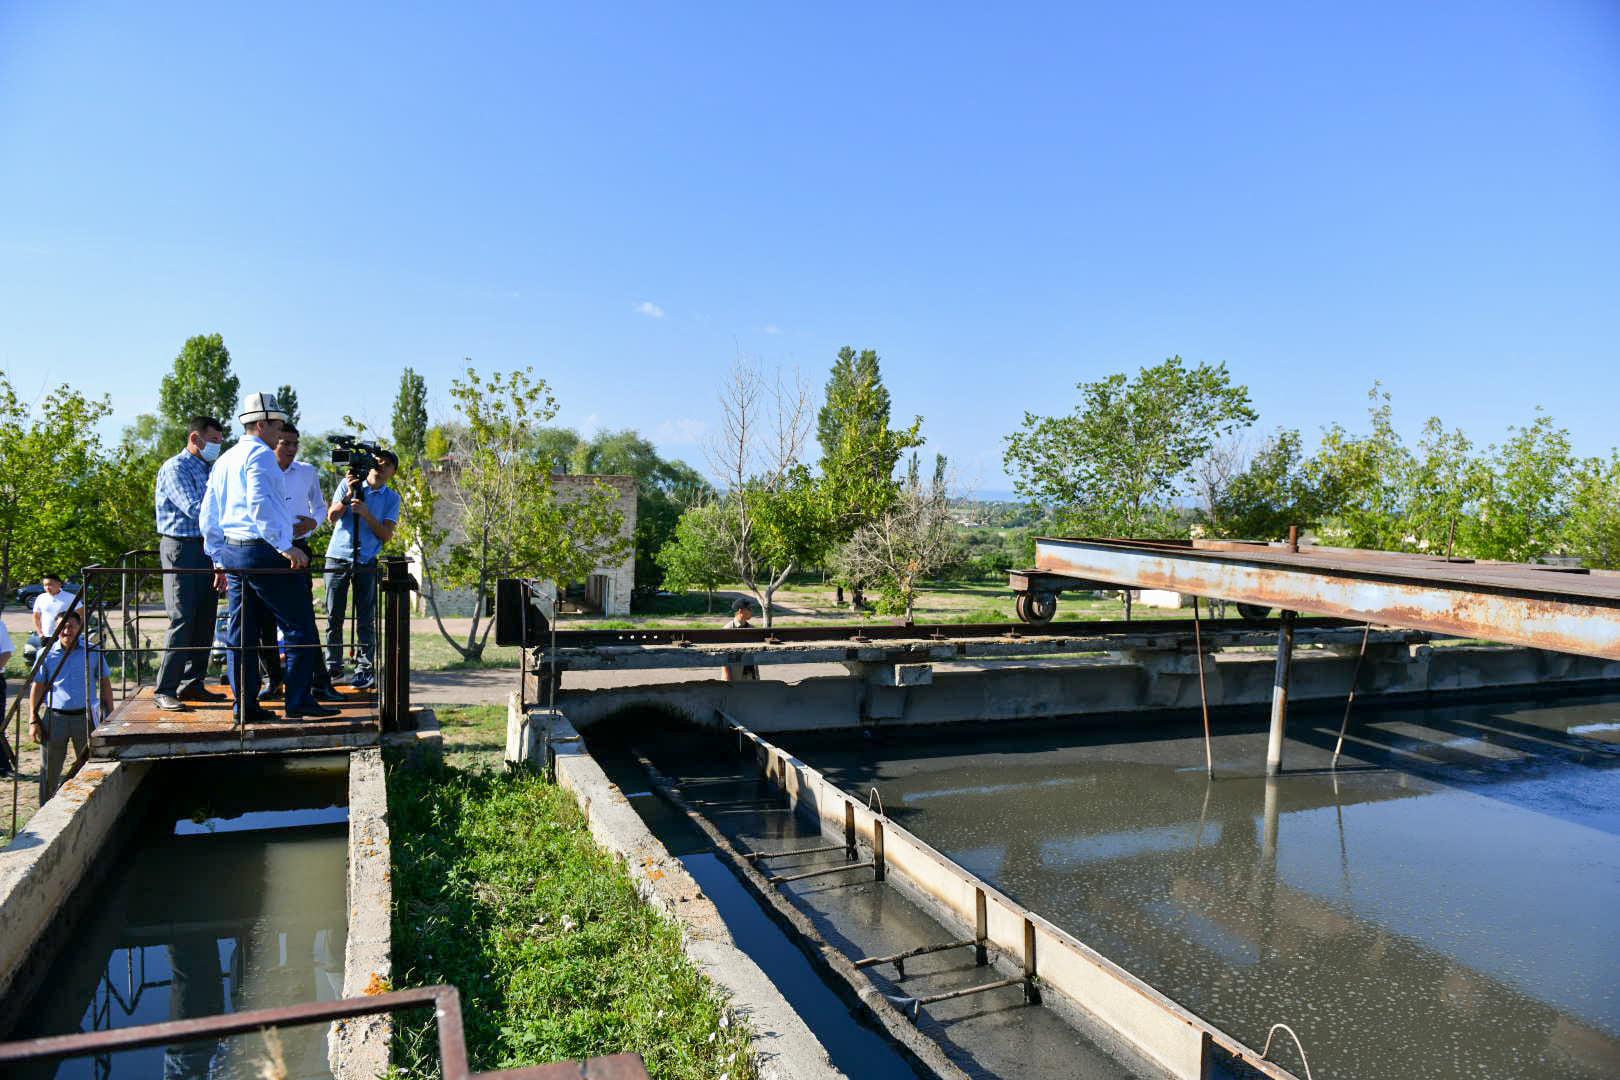 Марипов: Чолпон-Ата шаарында канализация тутумун куруу маанилүү болуп турат